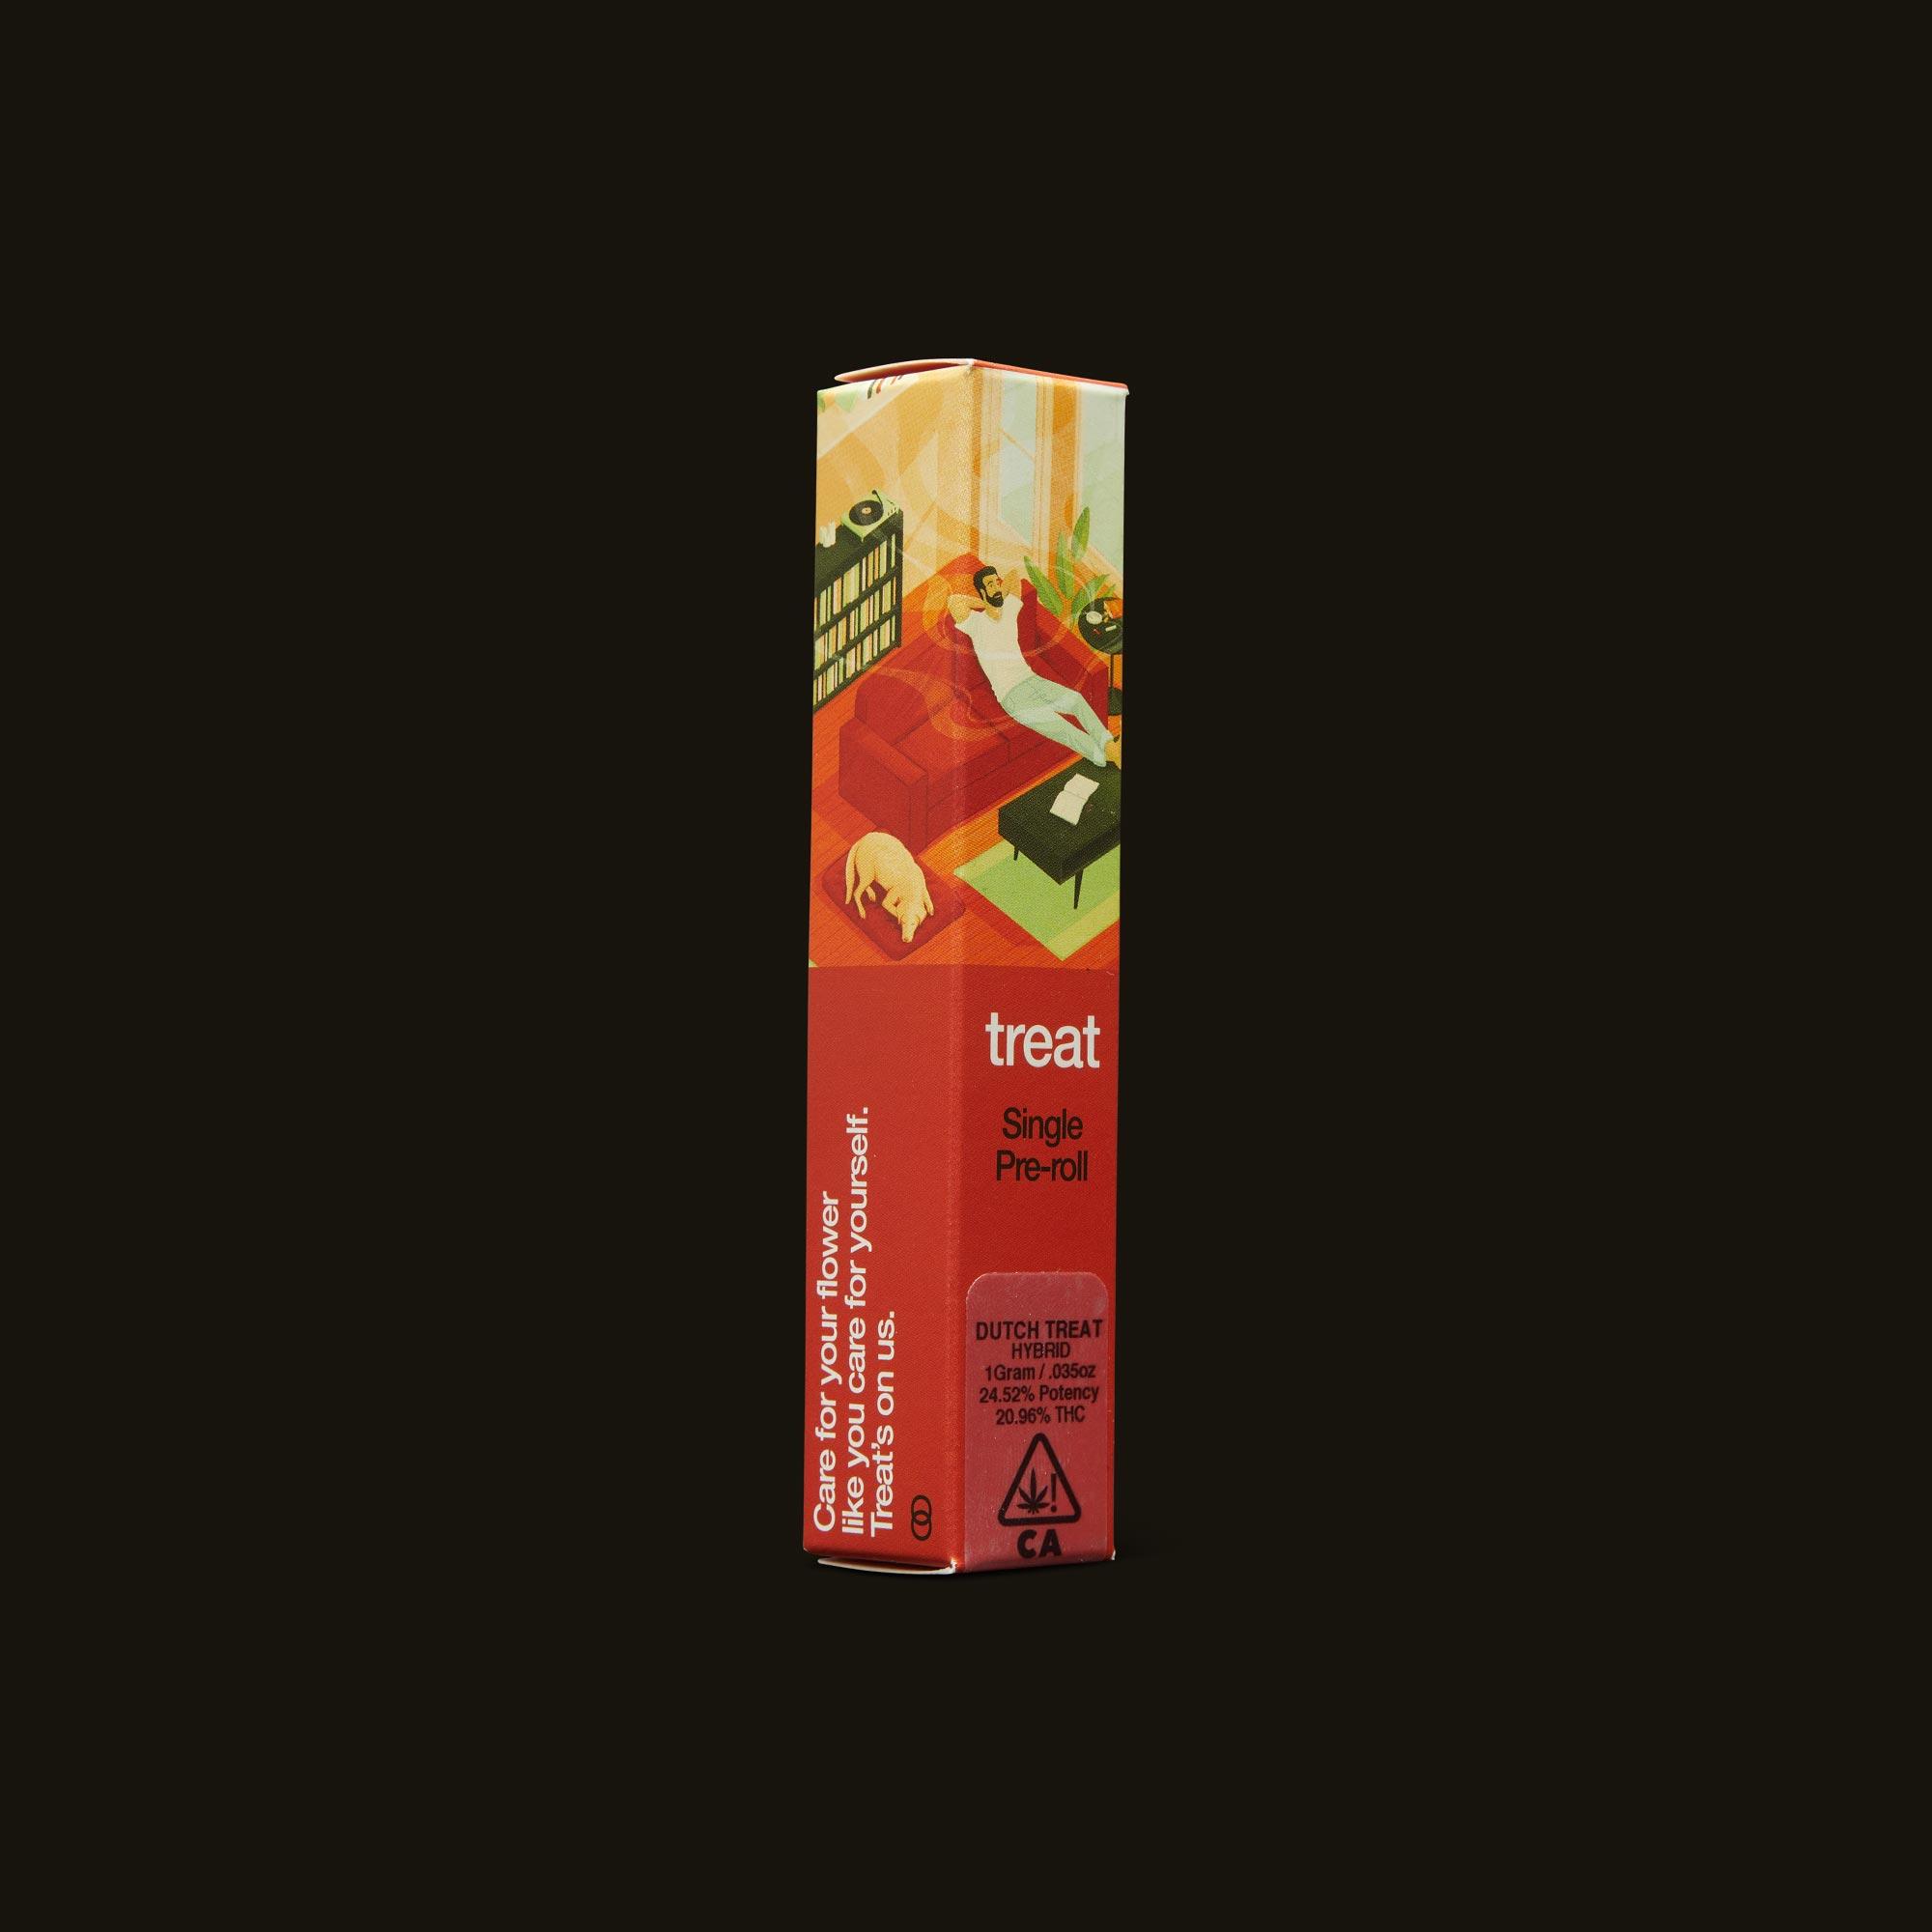 treat Dutch Treat Pre-Roll Side Packaging